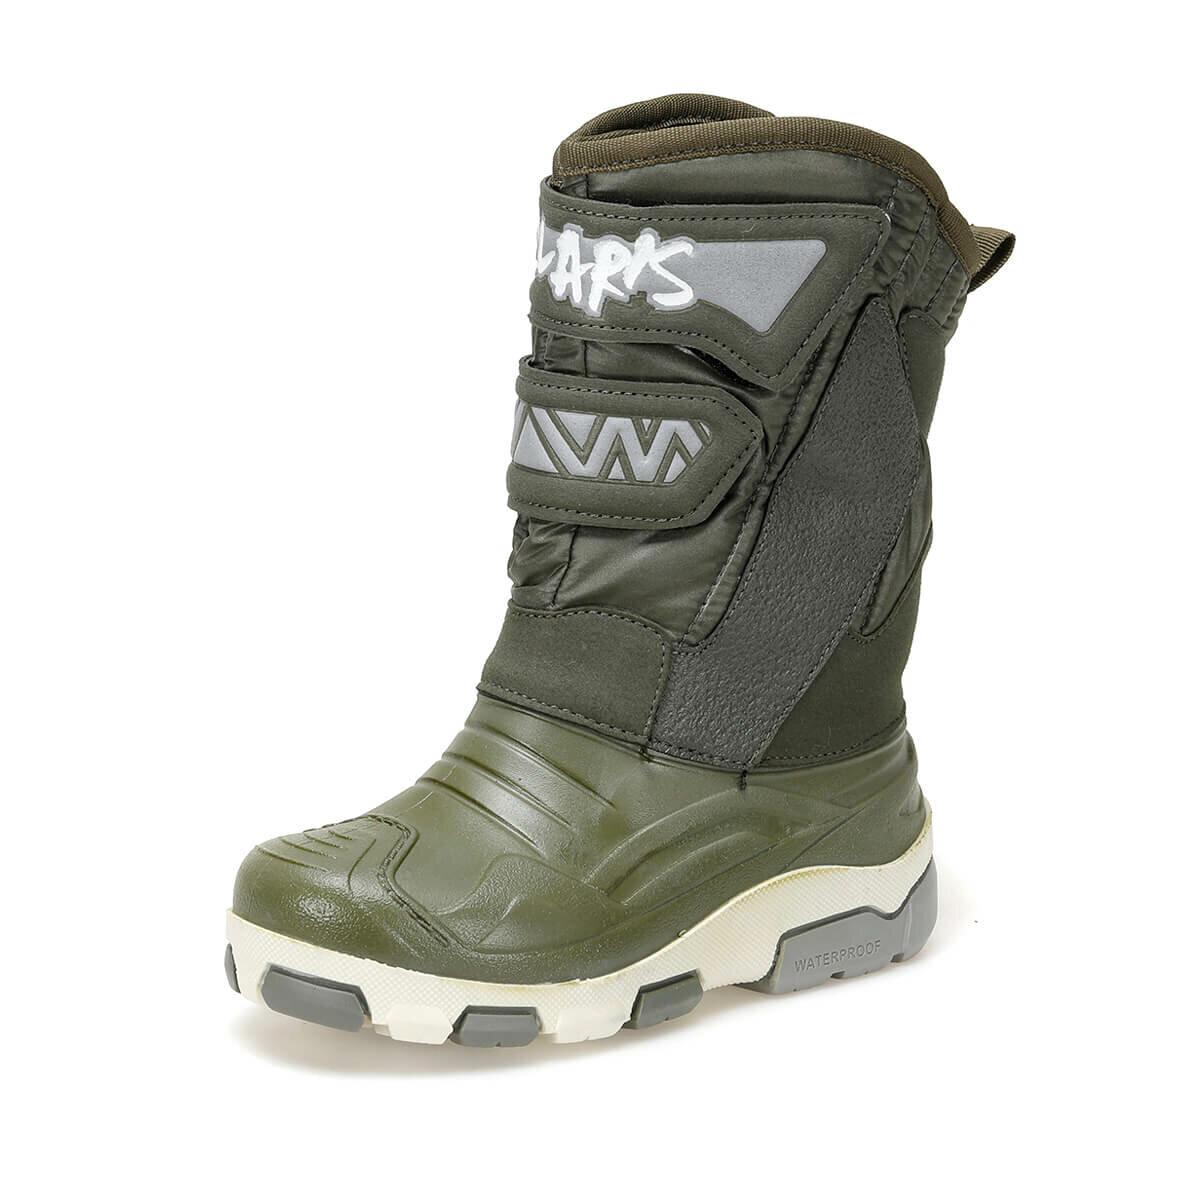 FLO 92.512068.P Khaki Male Child Boots Polaris